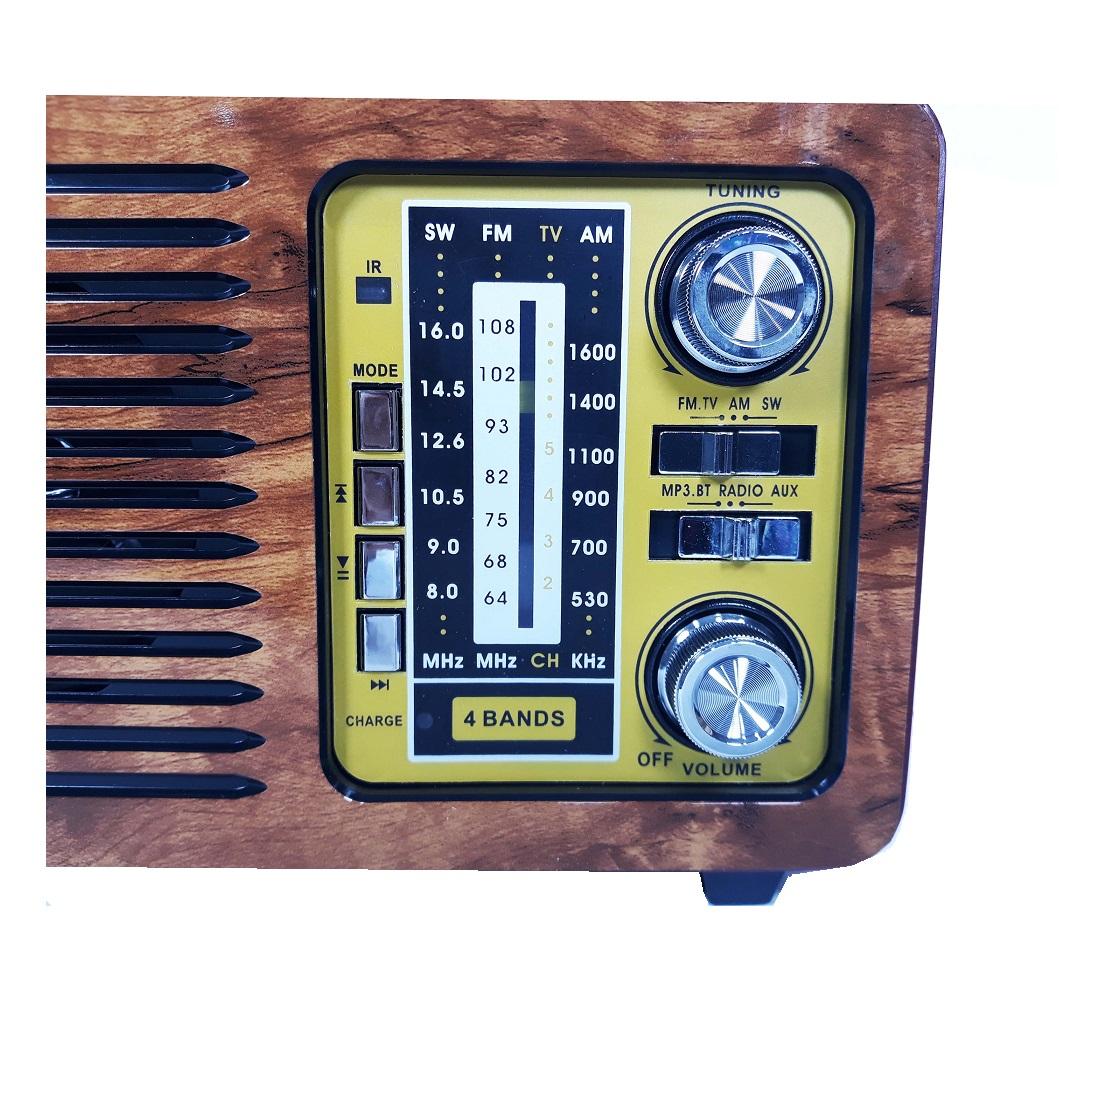 خرید اینترنتی رادیو پوکسینگ مدل PX-P28BT اورجینال